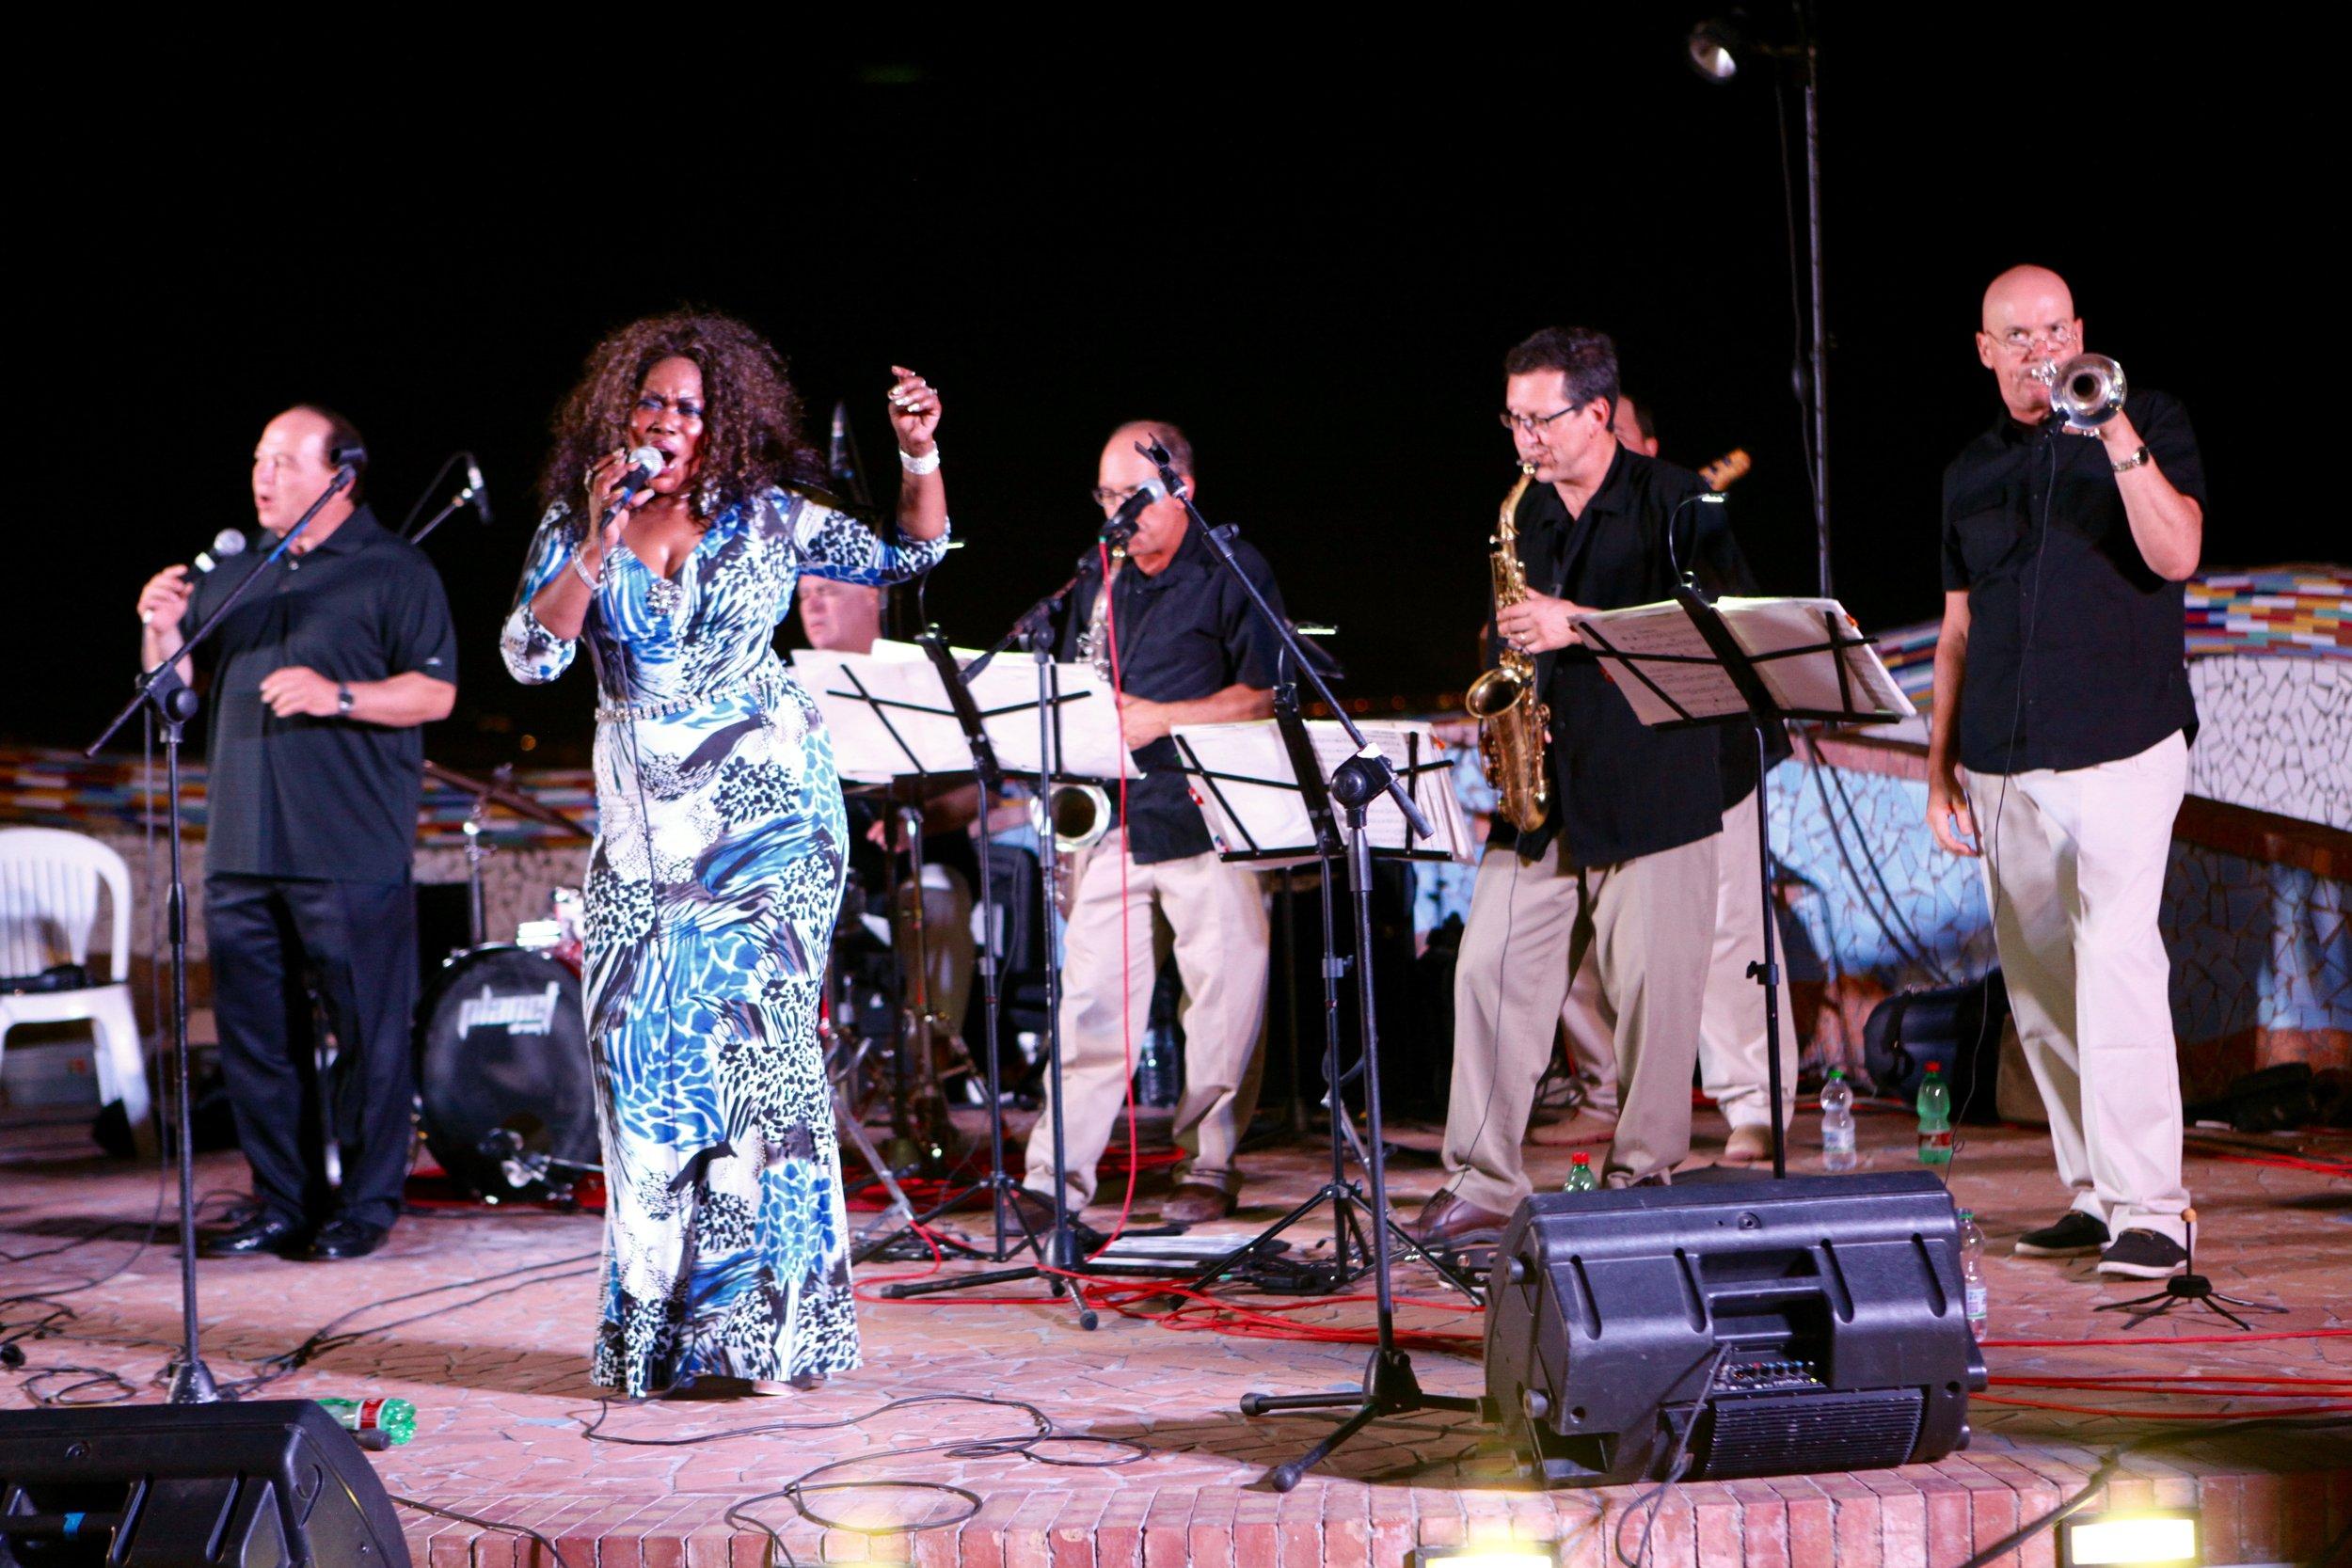 43 City Rhythm Vietri sul Mare Italy 2015.jpg